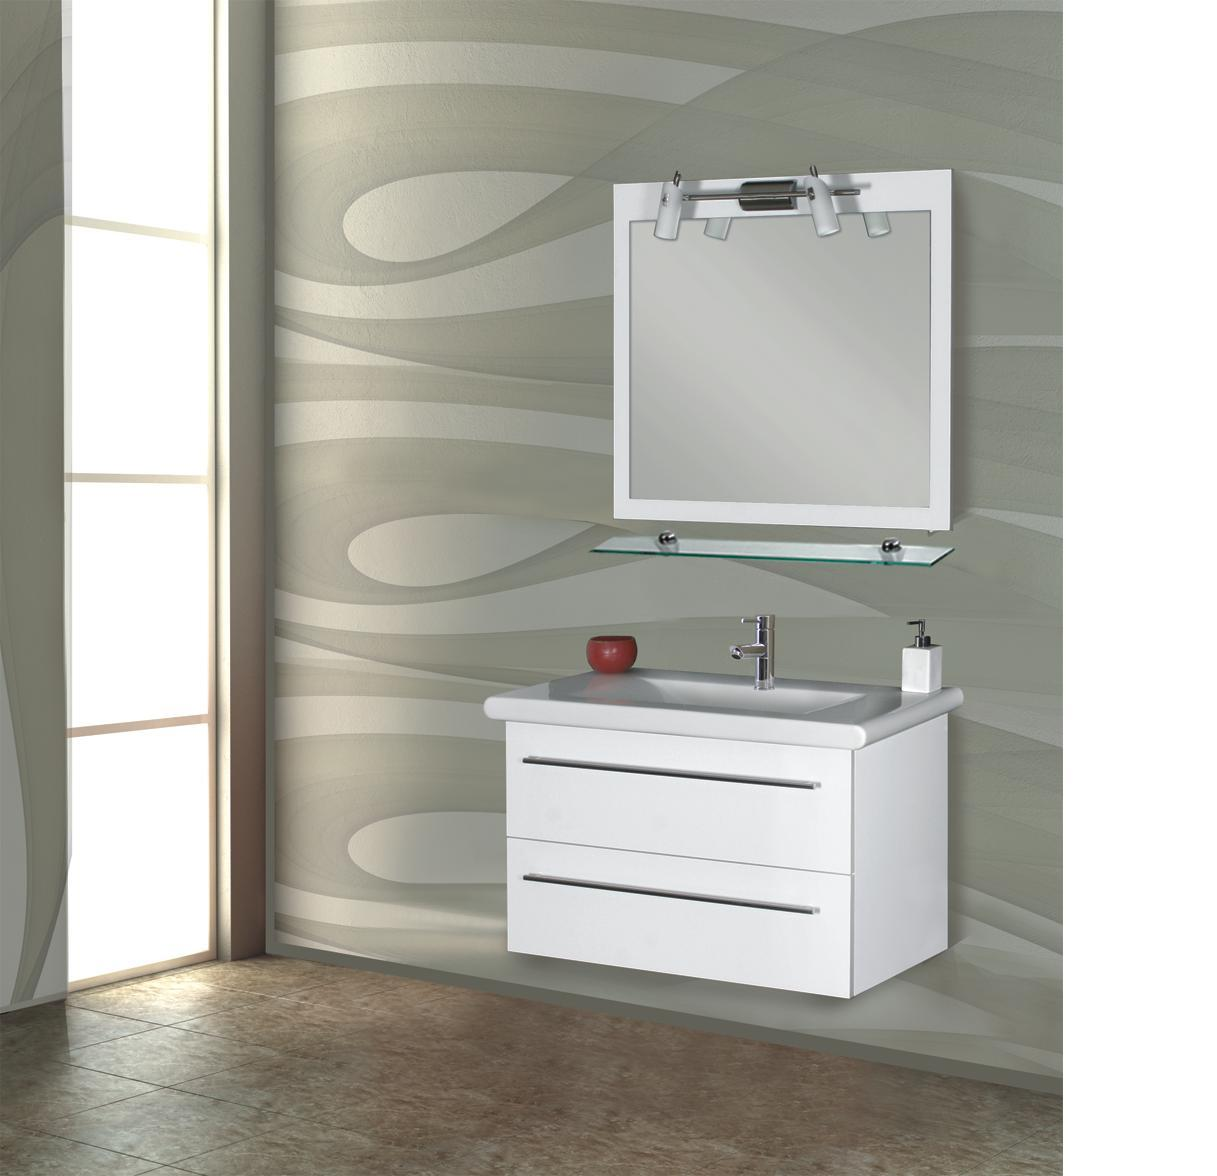 Ensemble pour salle de bain design 100 0 500 0 pi ces for Ensemble salle bain